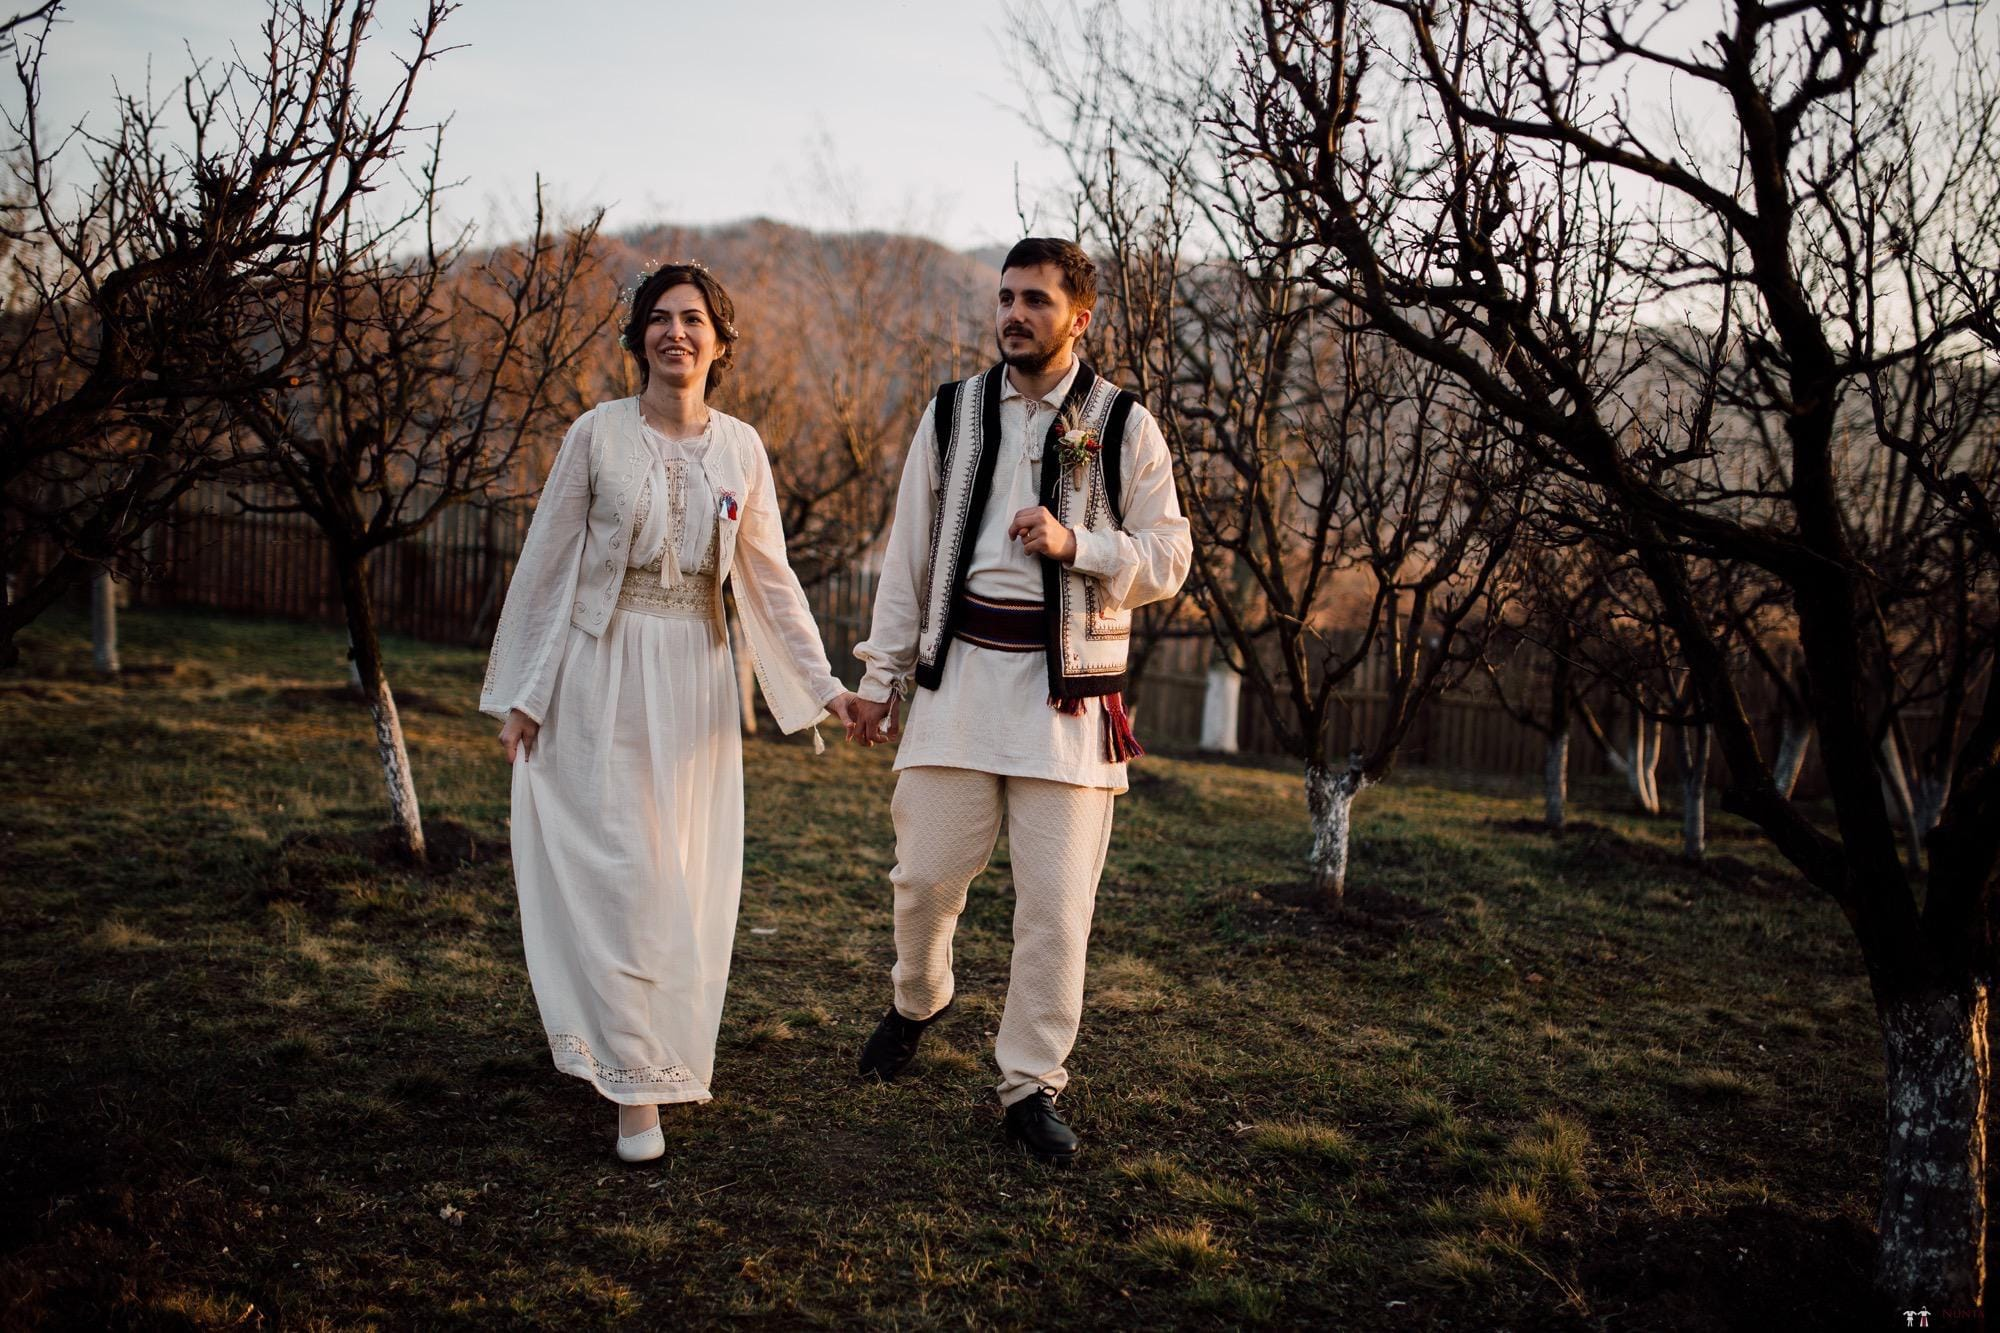 Povești Nunți Tradiționale - Gabriela și Adrian. Nuntă tradițională în Piatra Neamț 45